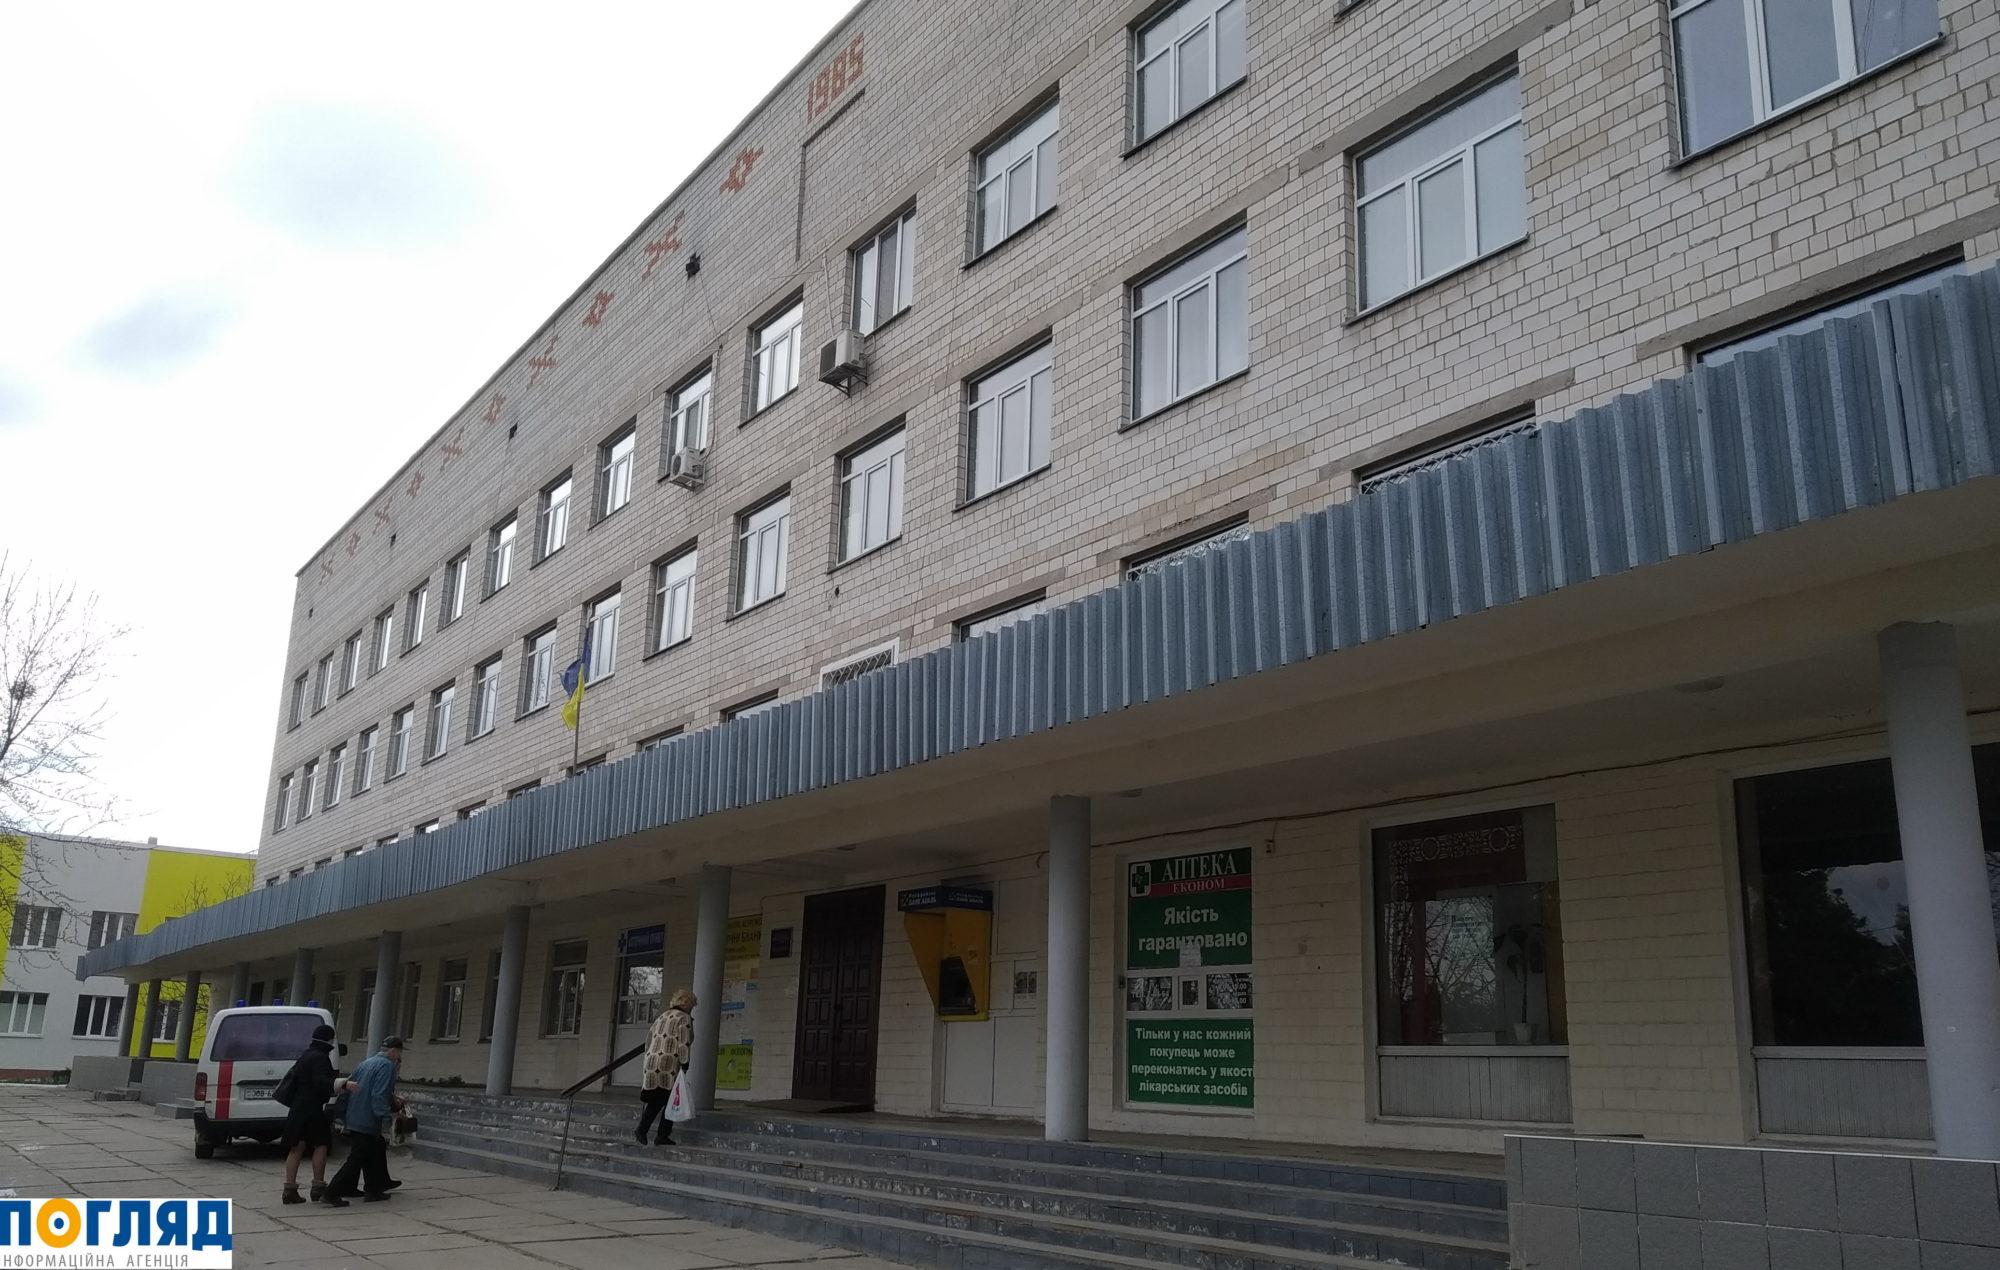 У Васильківській лікарні вже 2 пацієнта з коронавірусом - коронавірус - IMG 20190415 151255 2000x1270